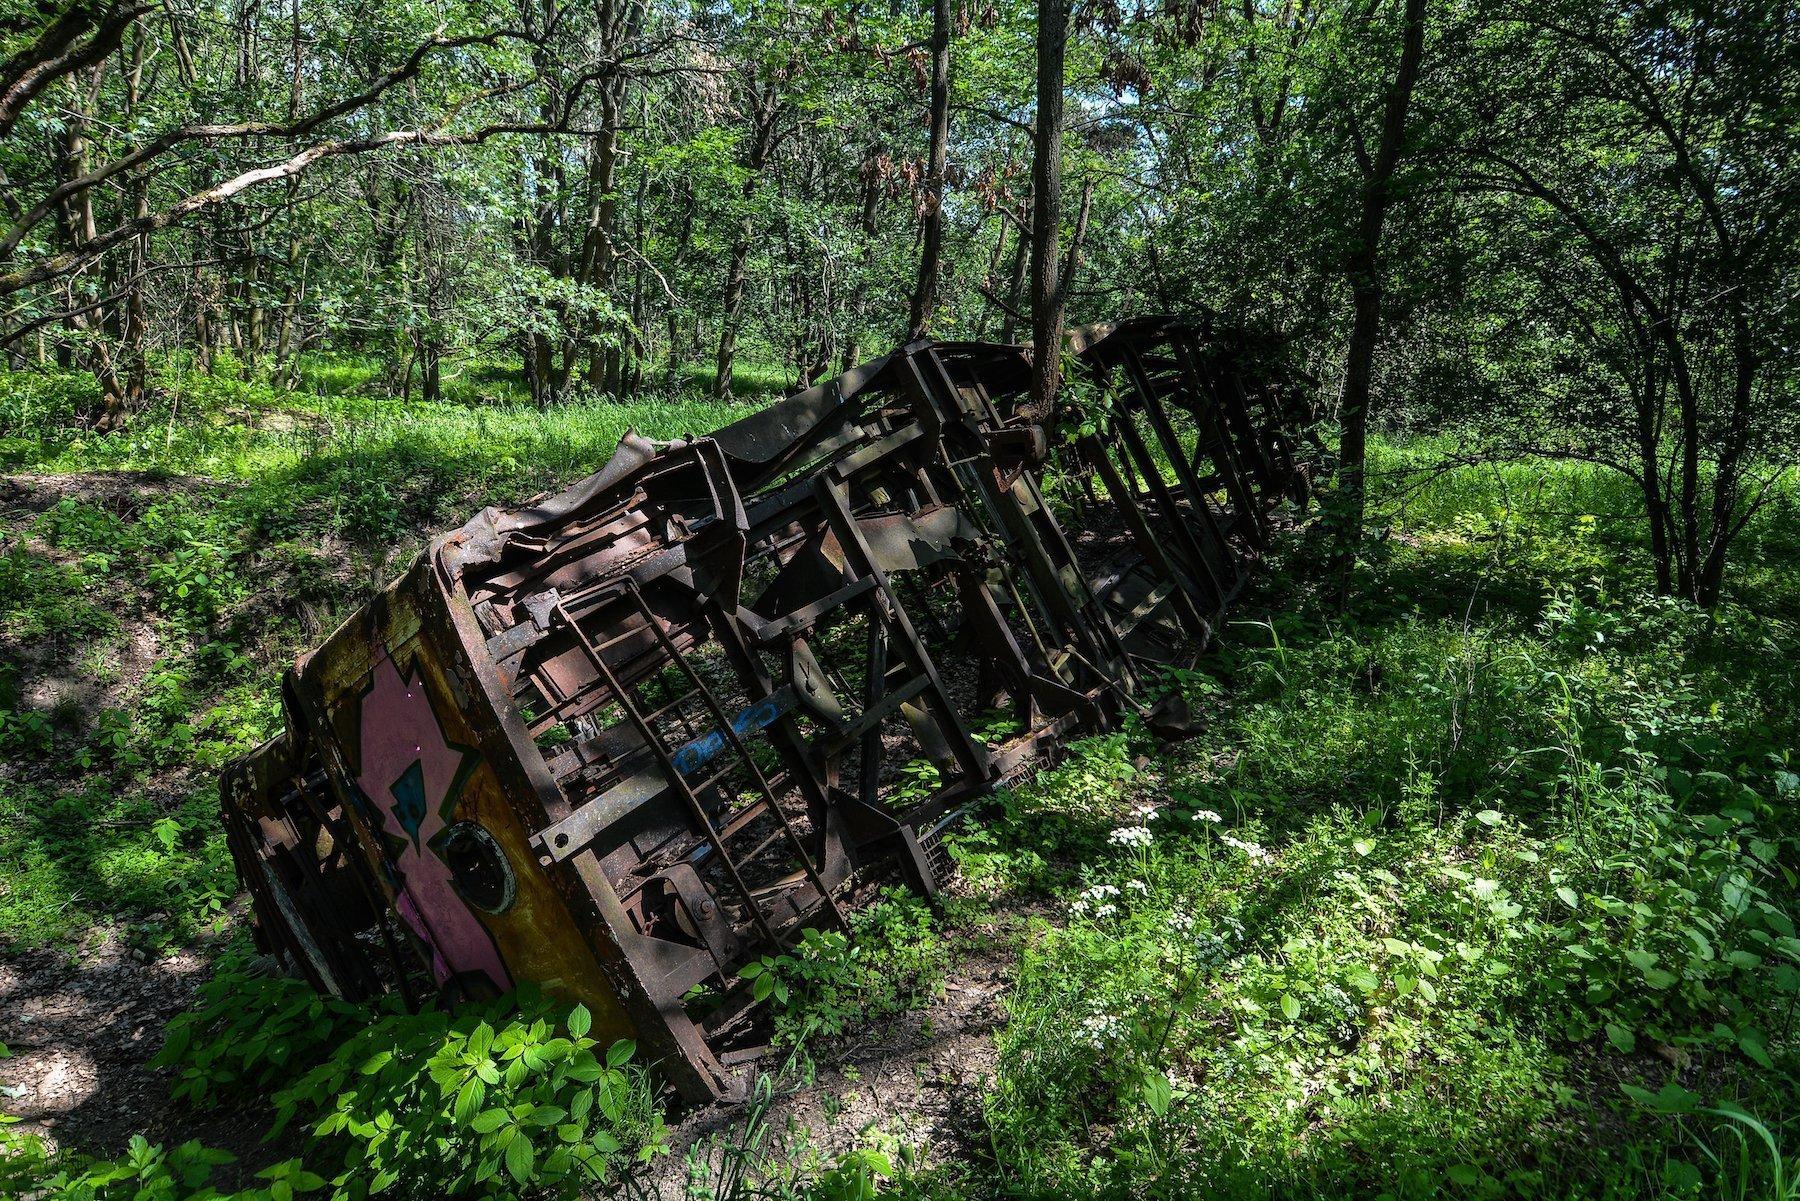 undercariage tram strassenbahn brandenburg dallgow doeberitz potsdam abandoned urbex lost places germany deutschland